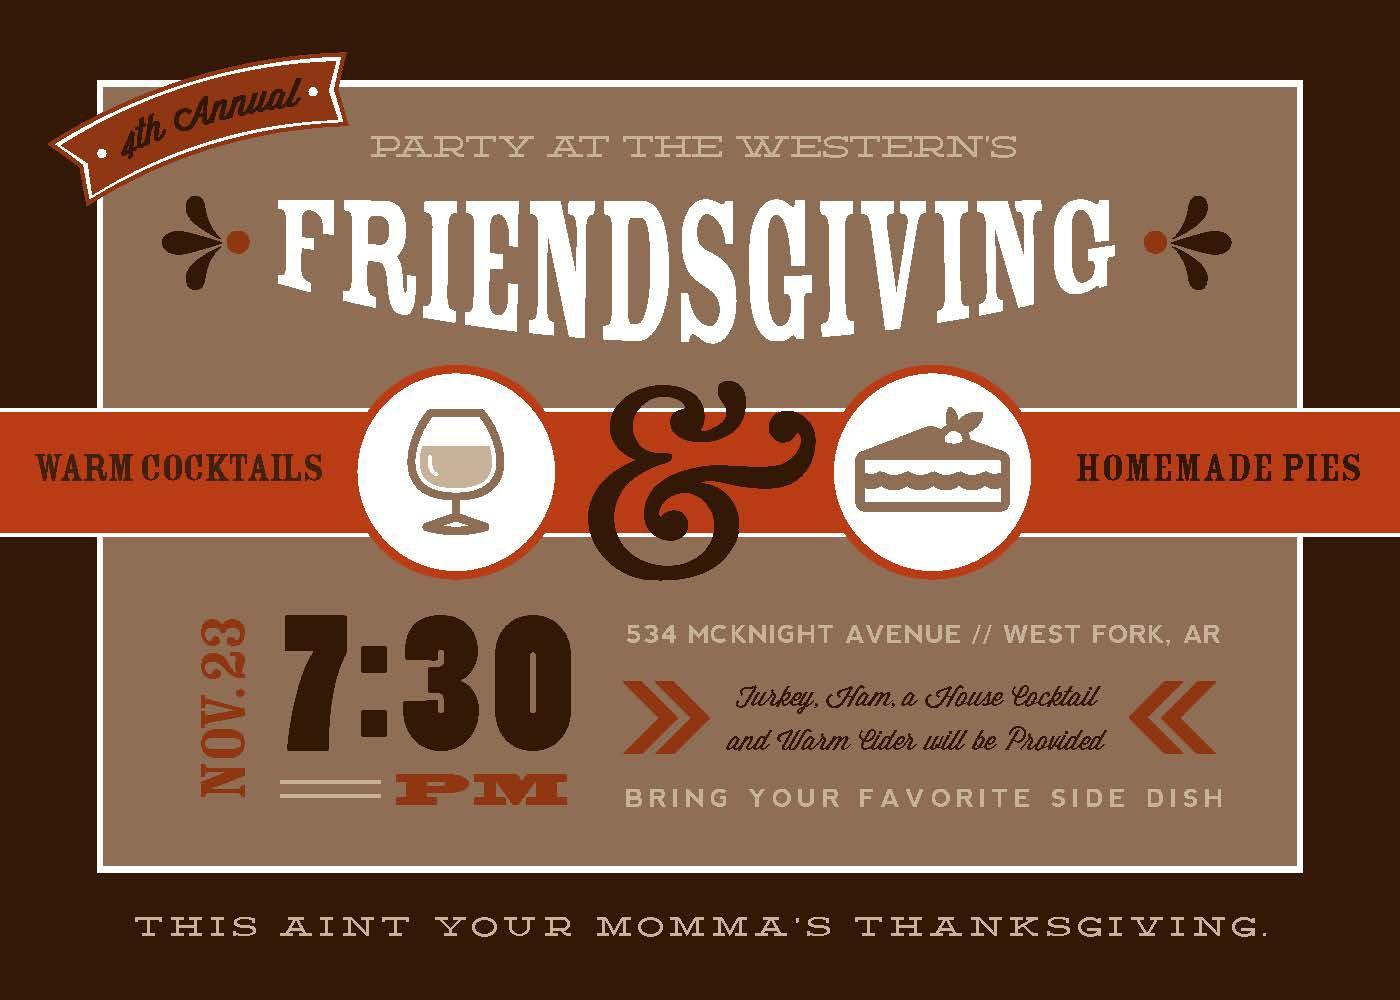 Friendsgiving Invitation - Rook Design Co.